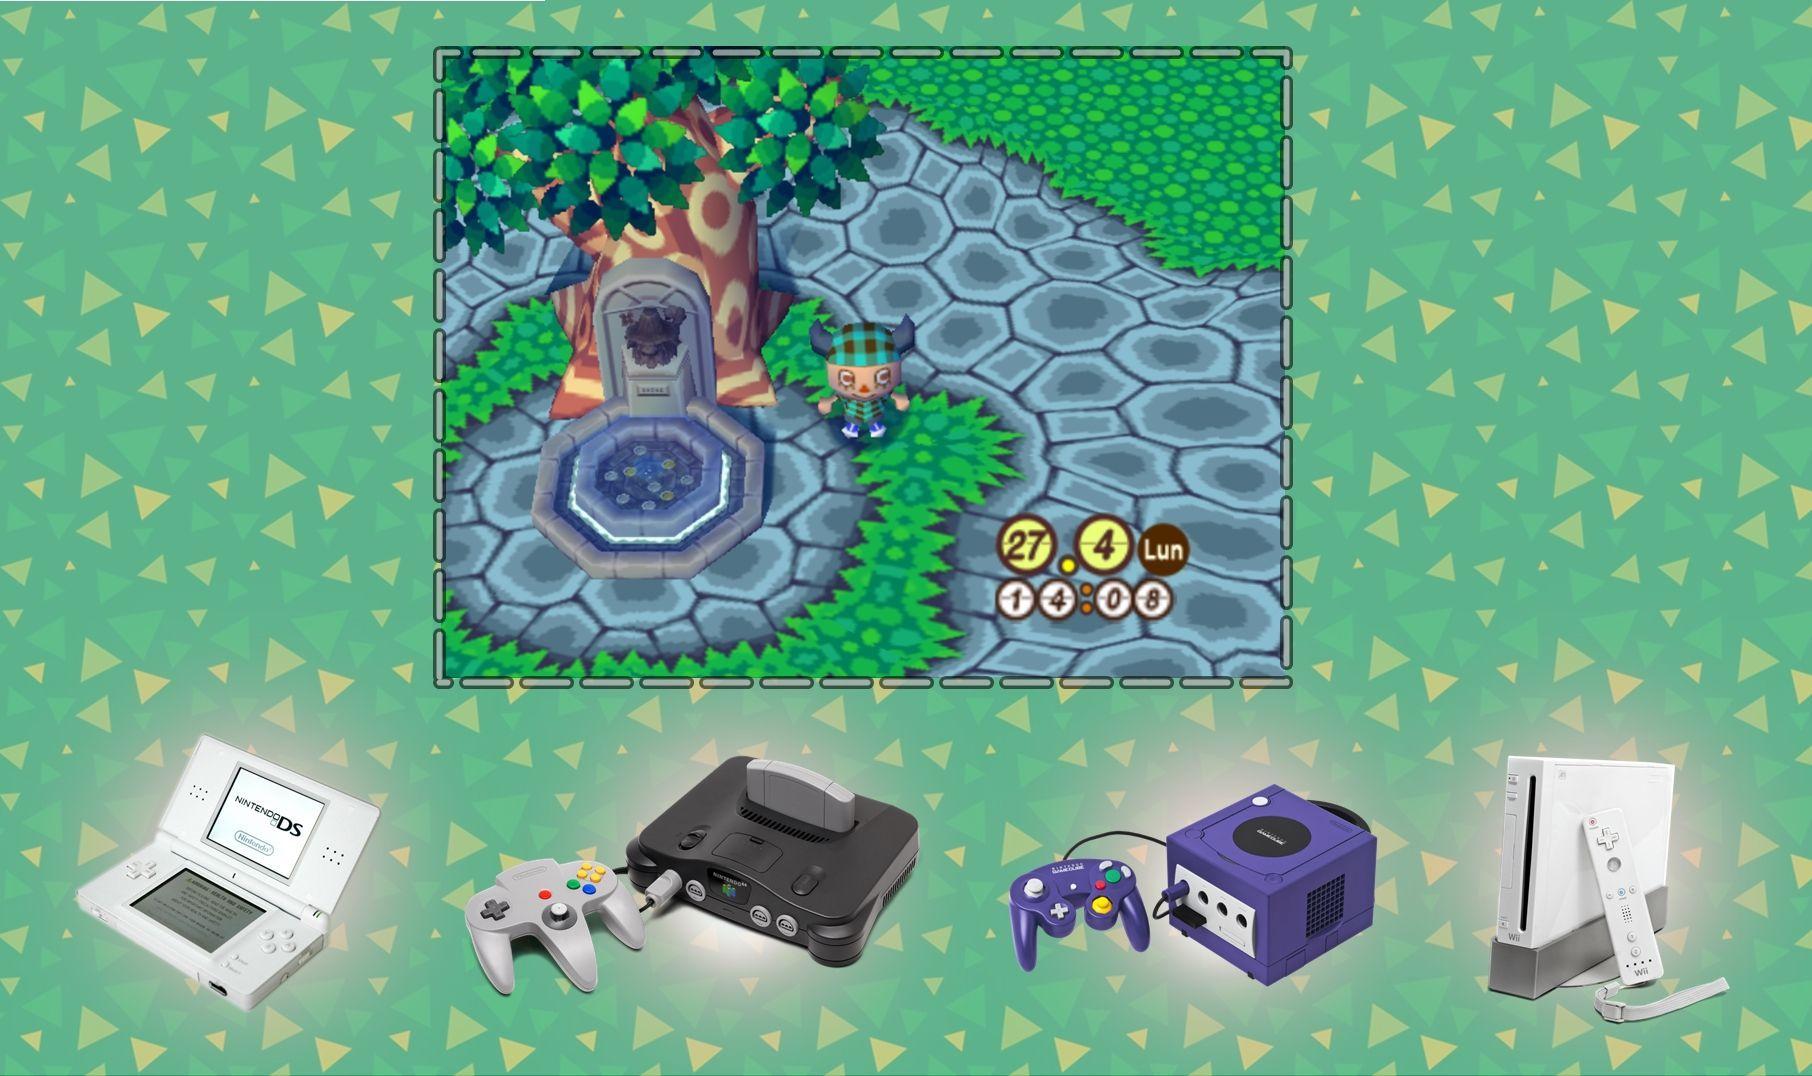 ¿Para qué plataforma salió el primer juego de Animal Crossing en Europa?